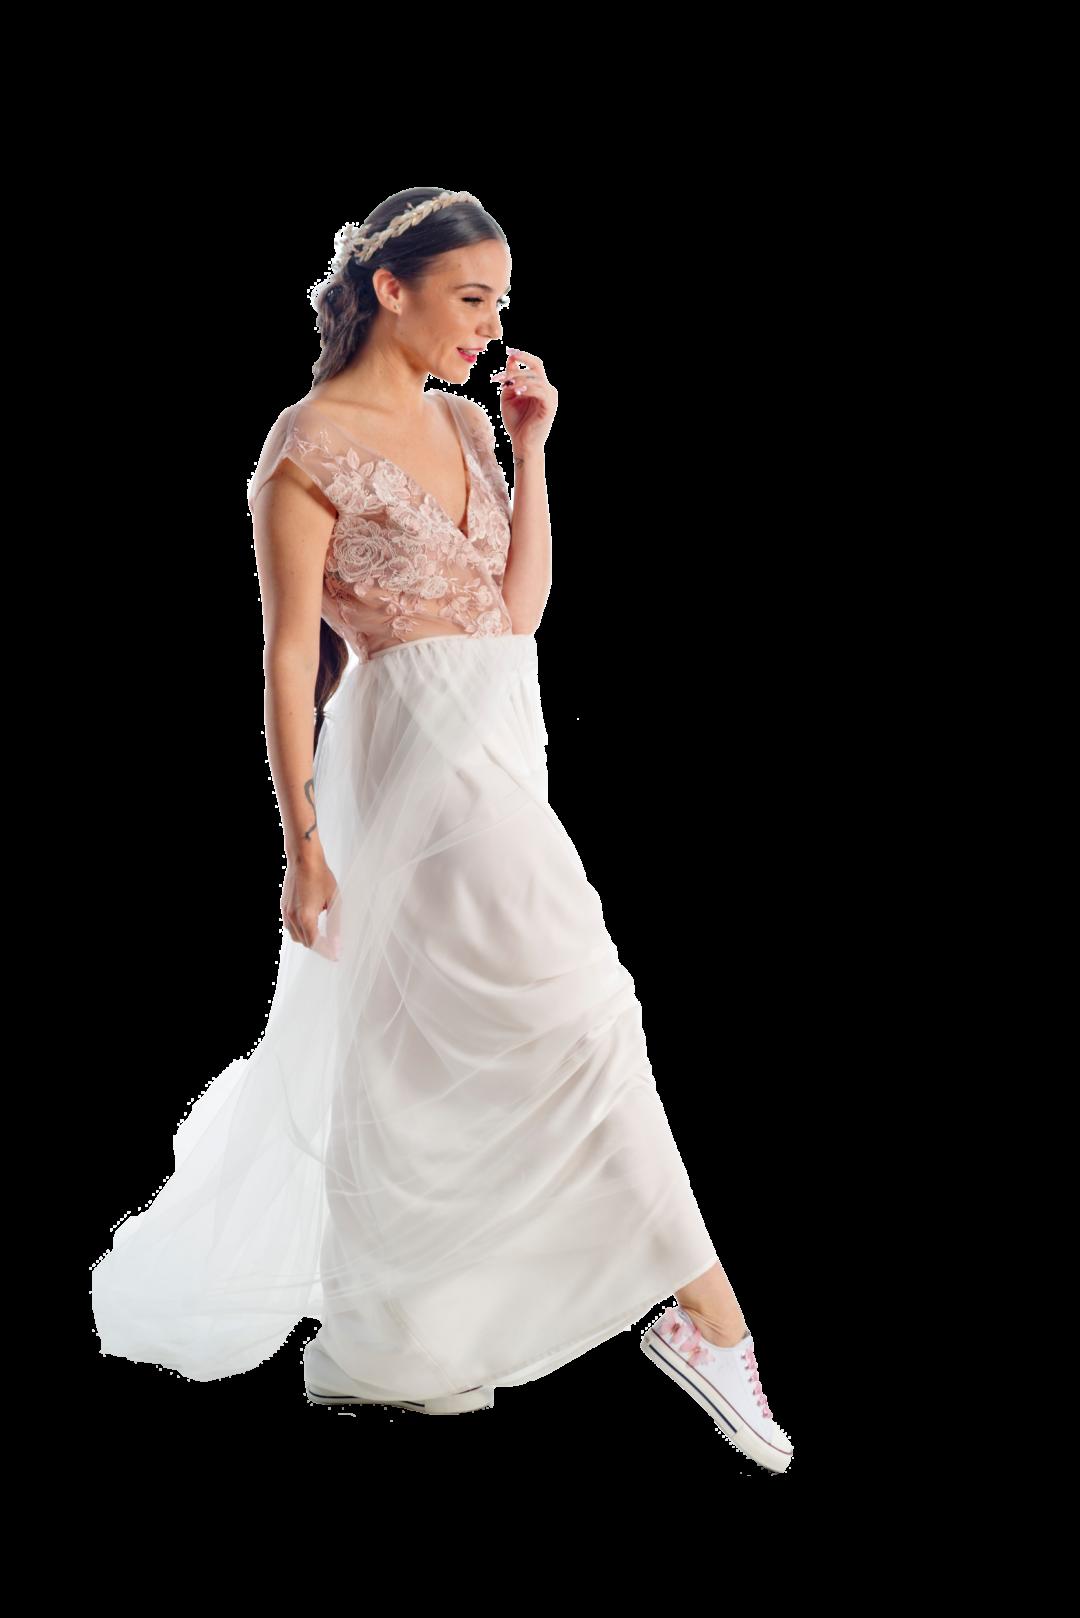 Almudena de boda_20171023_Angel Moreno_52